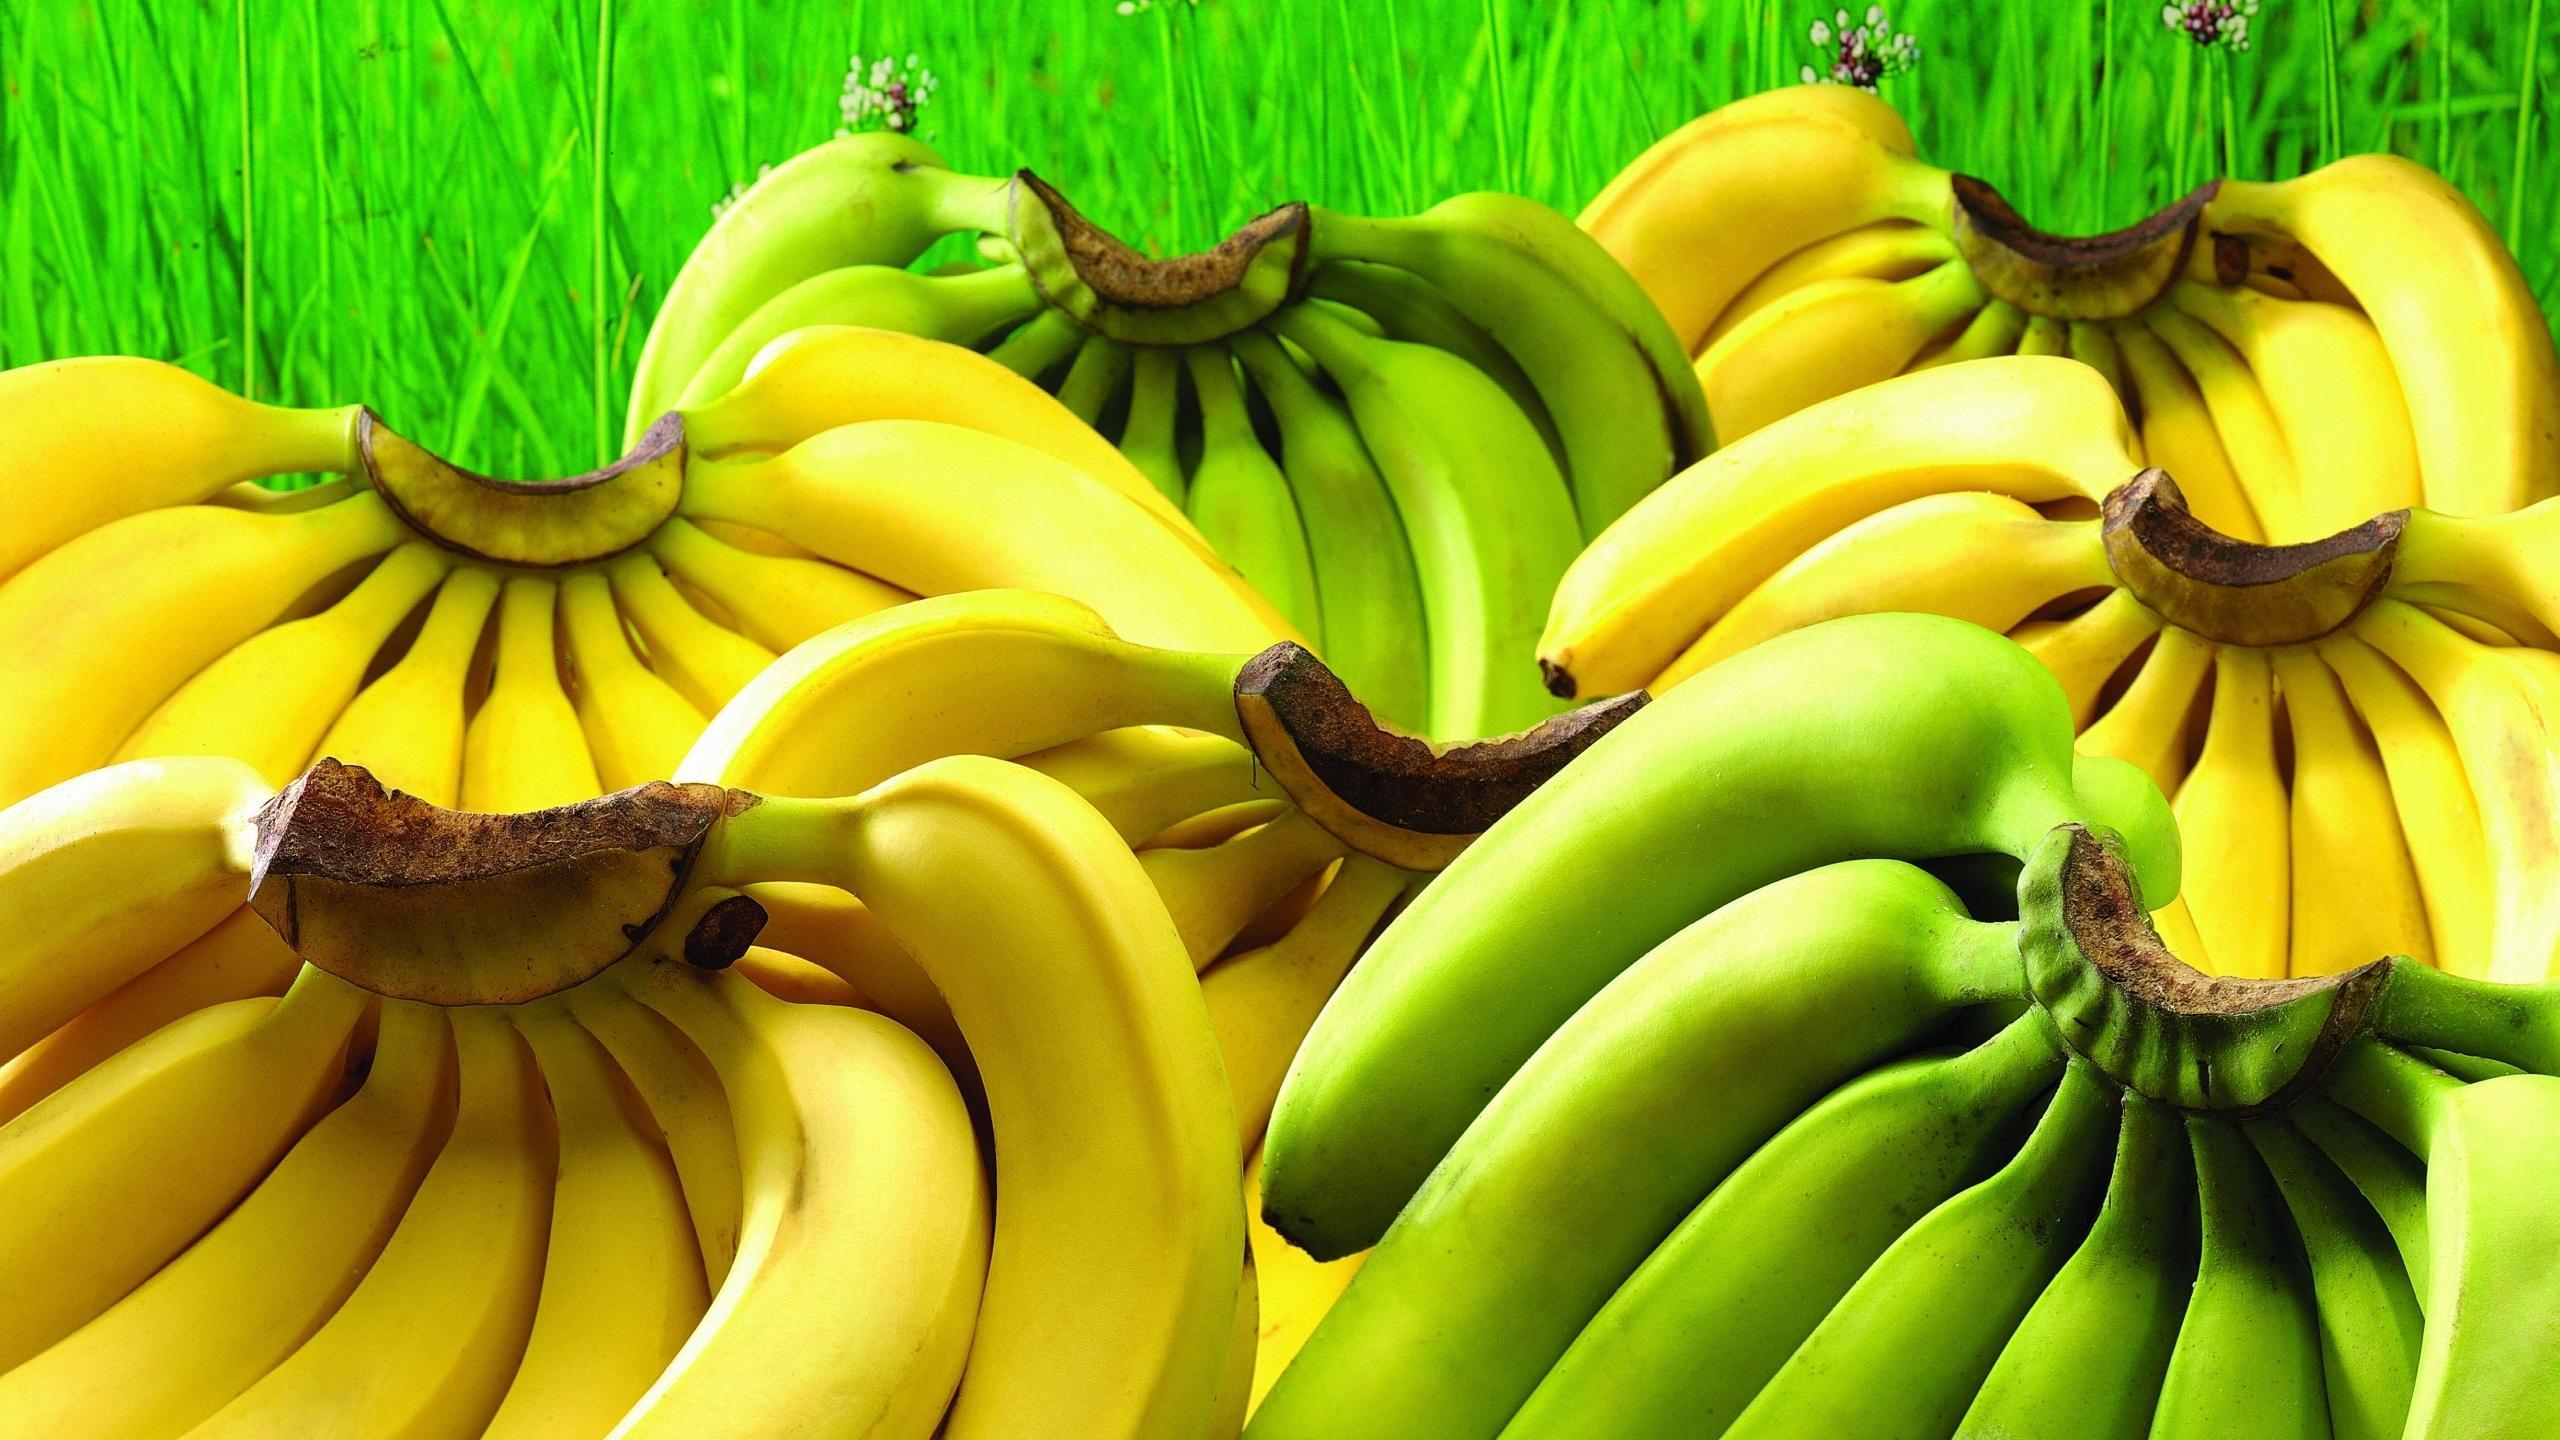 Телефон-банан от Samsung